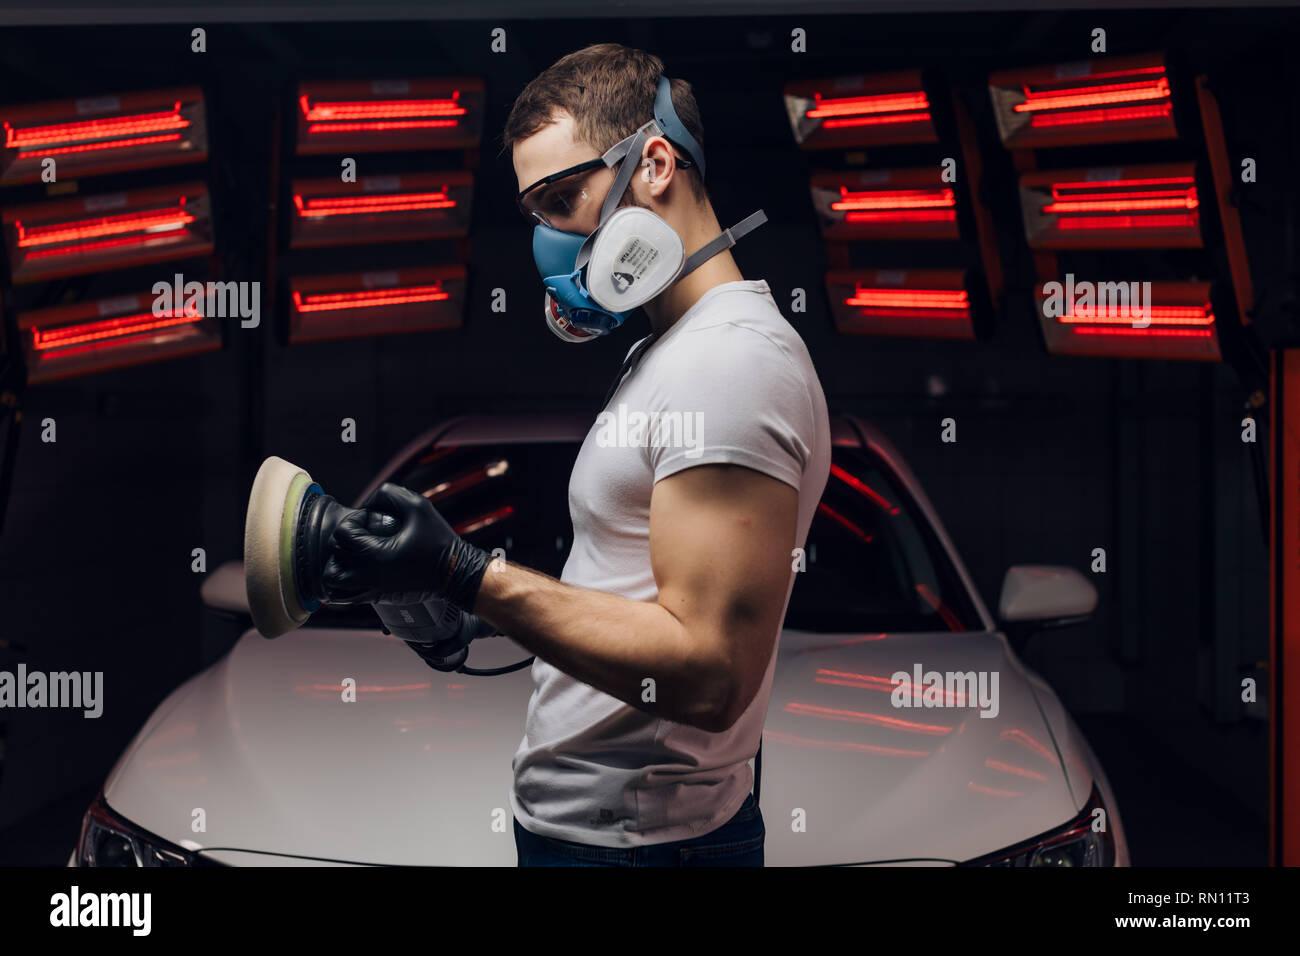 Giovane uomo la preparazione per la lucidatura di auto in servizio. close up vista laterale foto. Tempo libero, hobby Immagini Stock